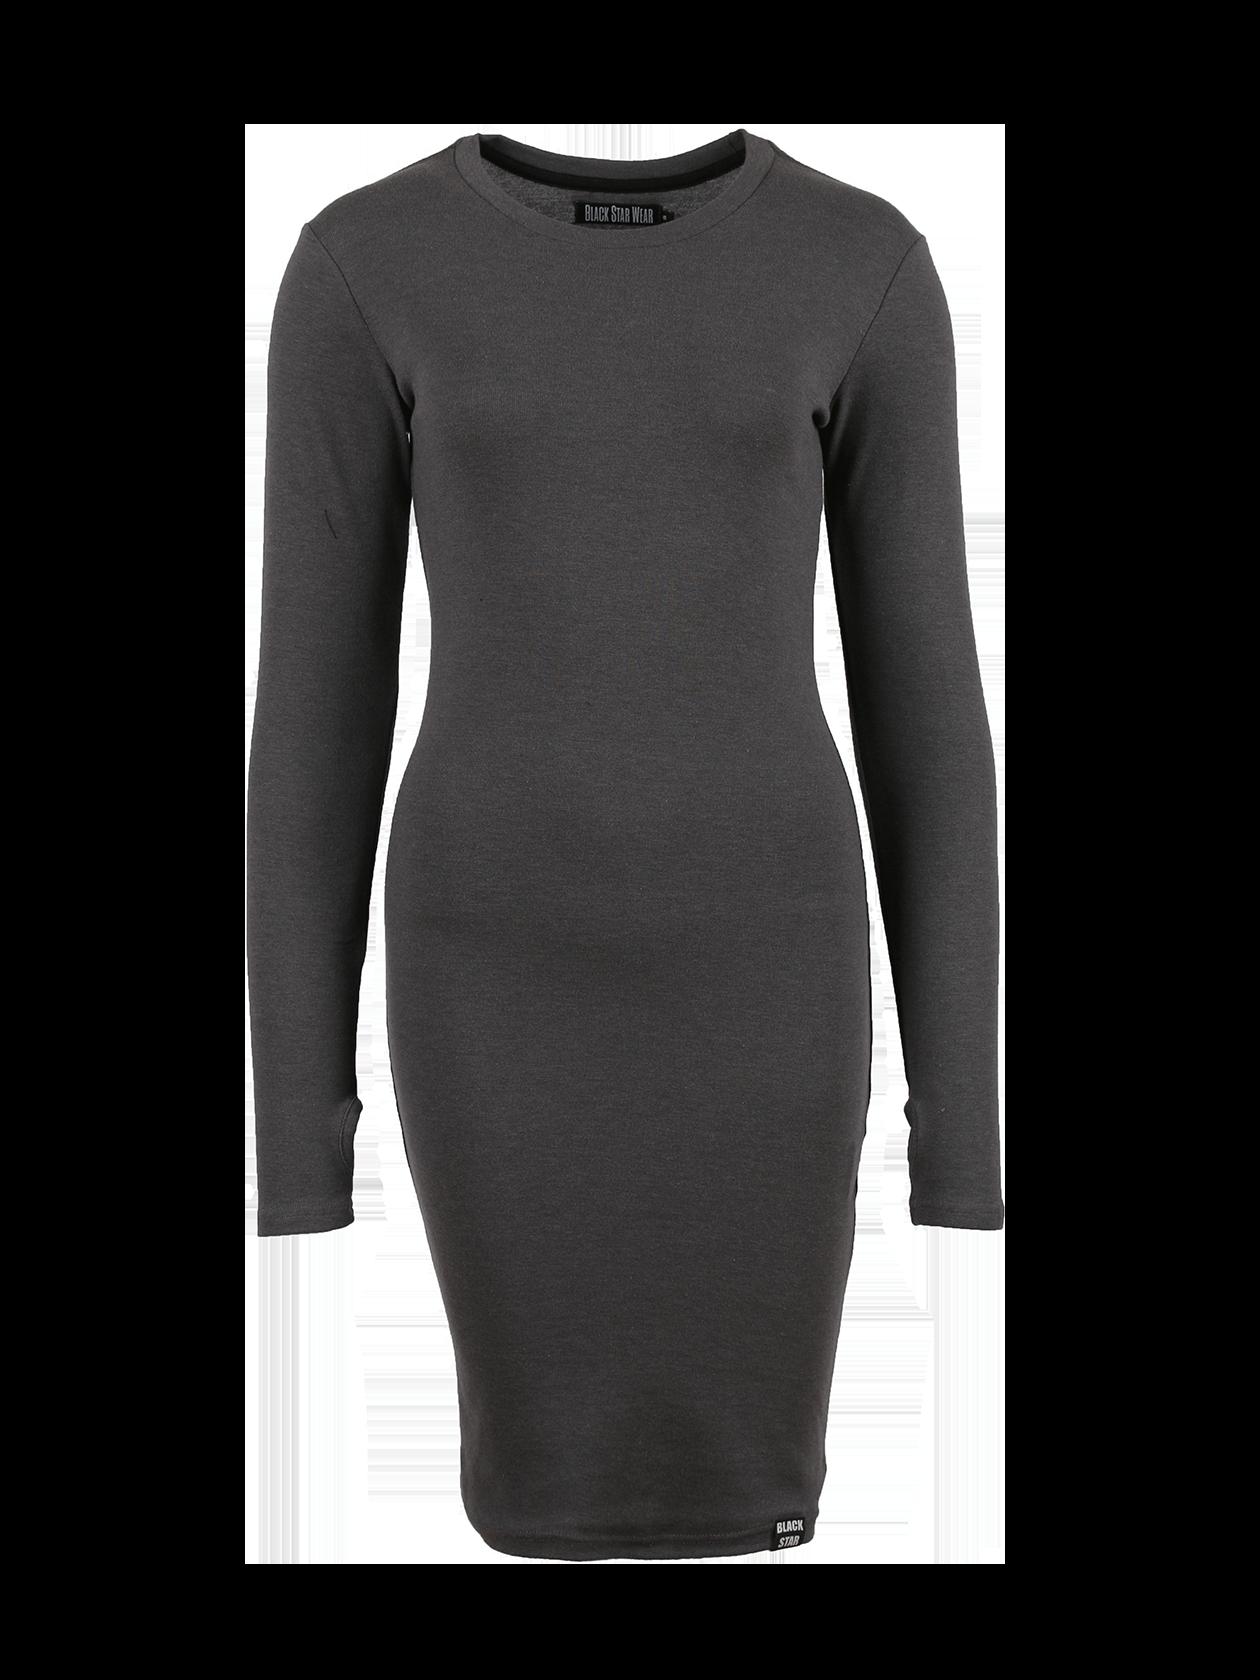 Платье женское SKINNY RIB от Black Star Wear